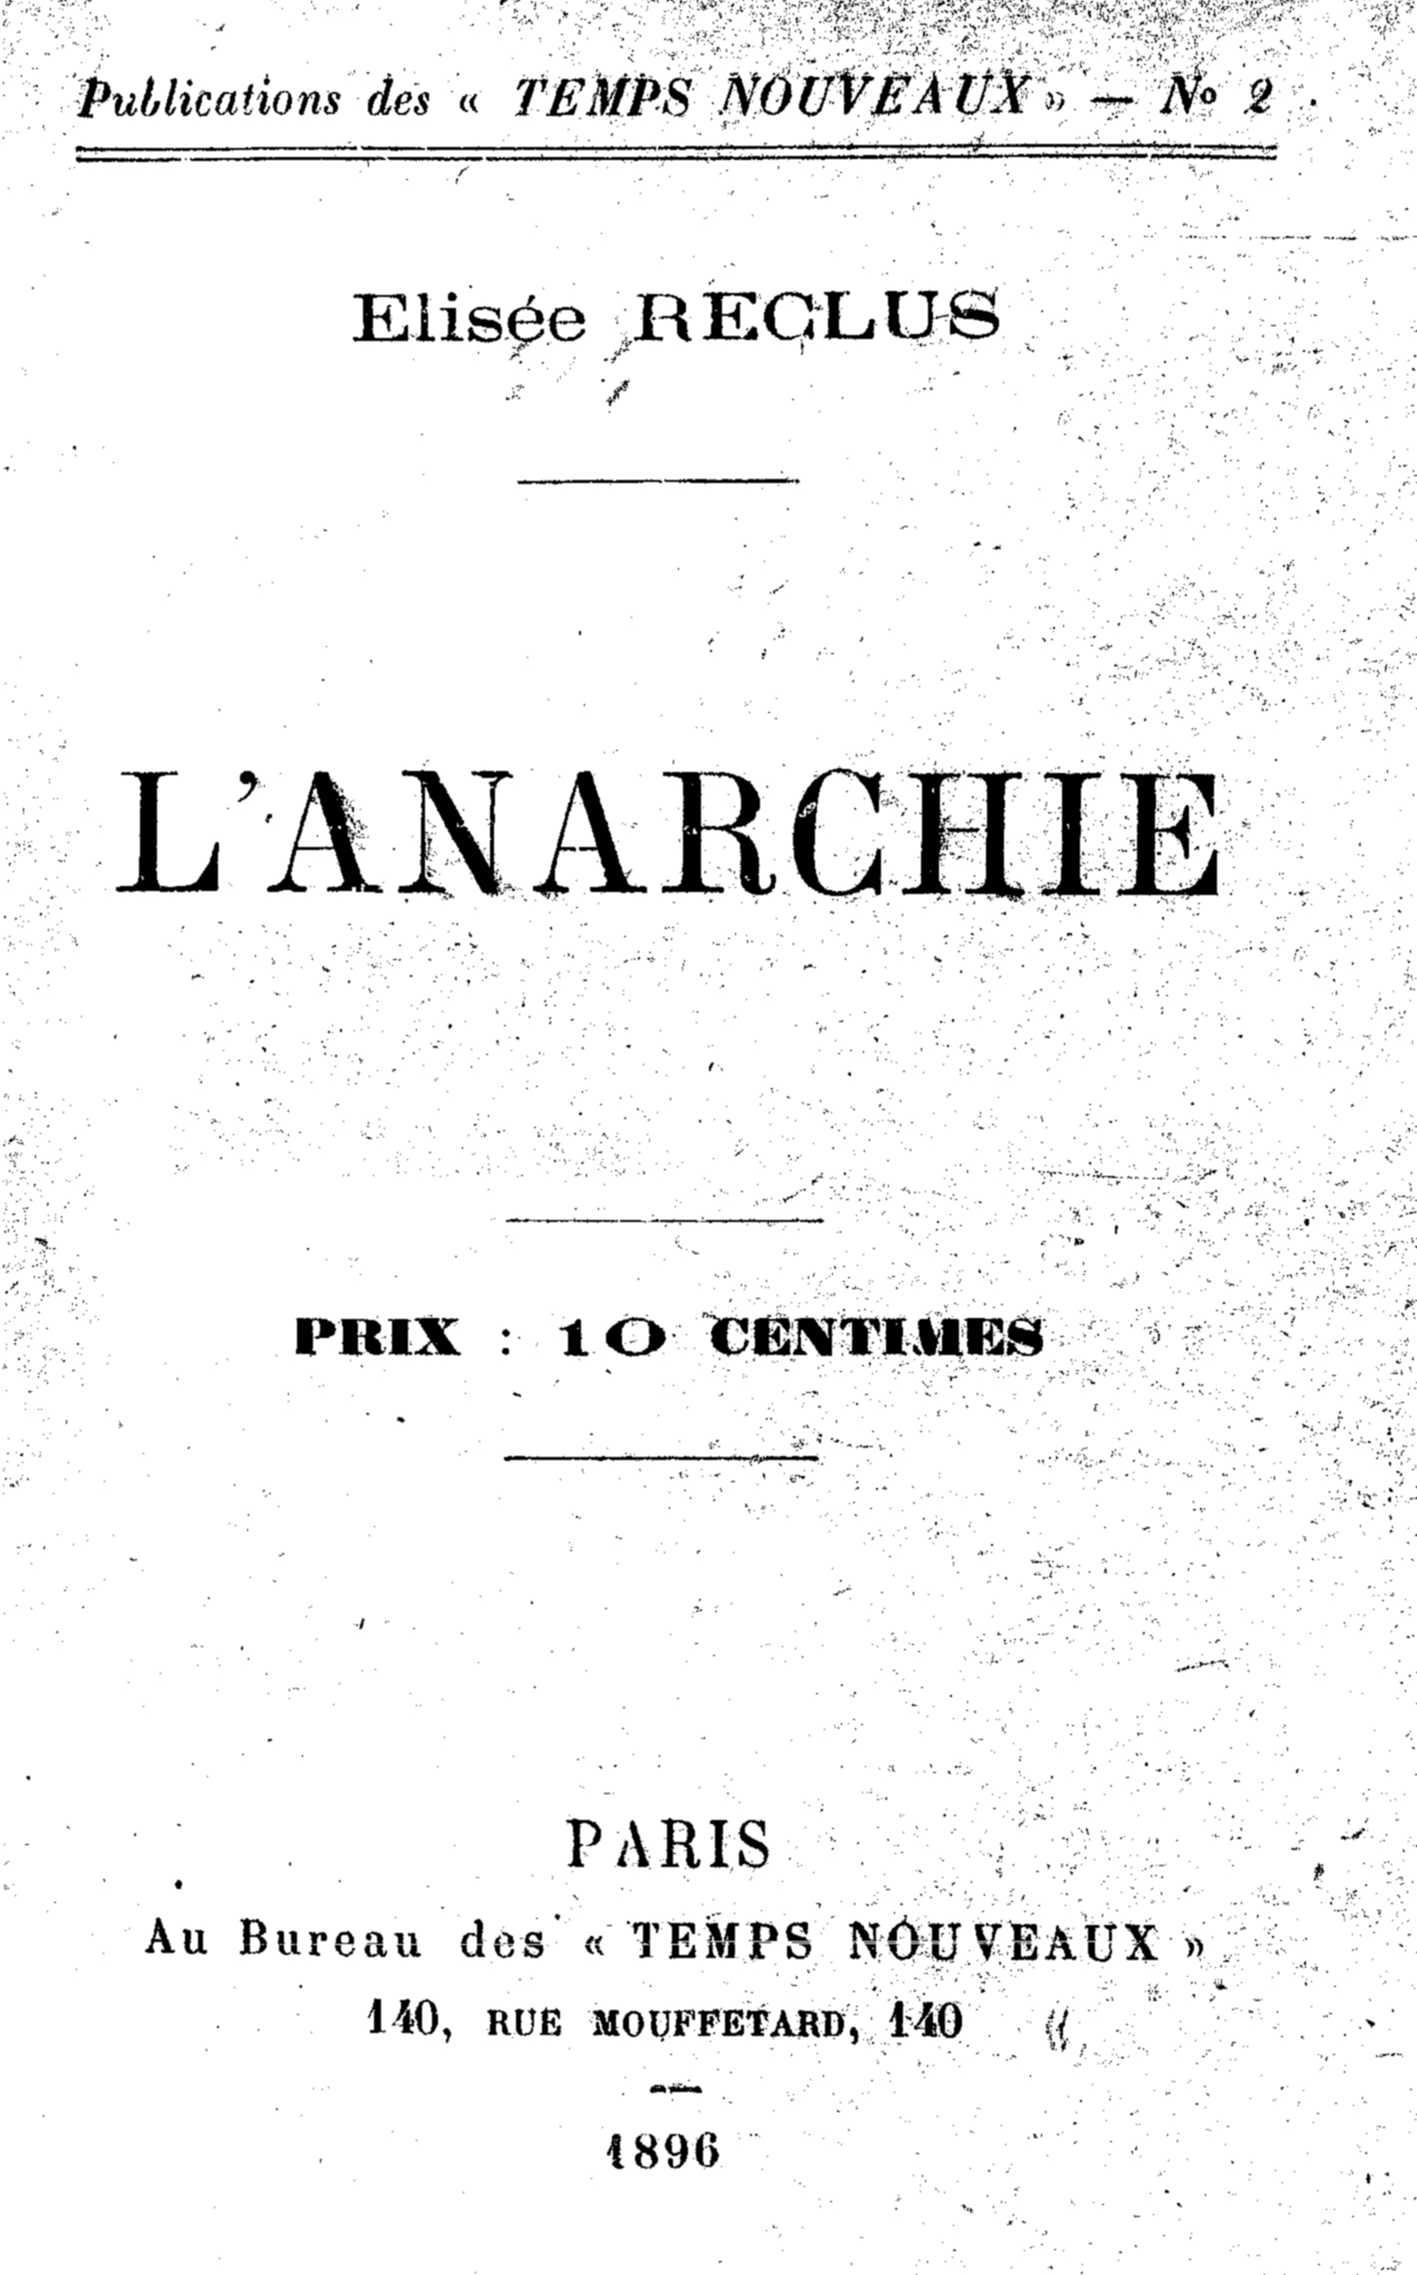 """Portada de la primera edició en fullet de """"L'Anarchie"""" d'Élisée Reclus"""